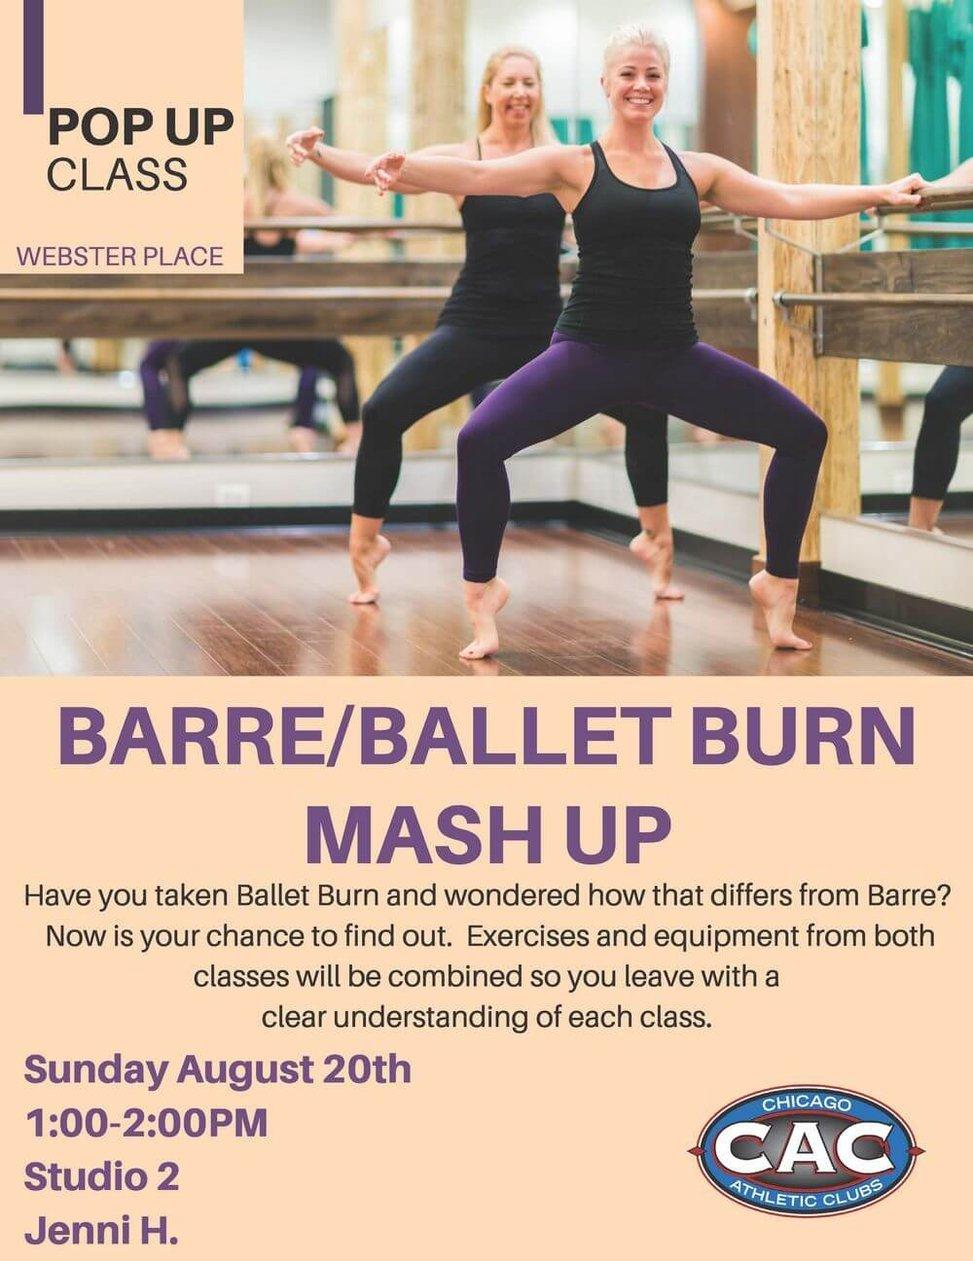 POP UP Barre Ballet Burn Mash Web.jpg